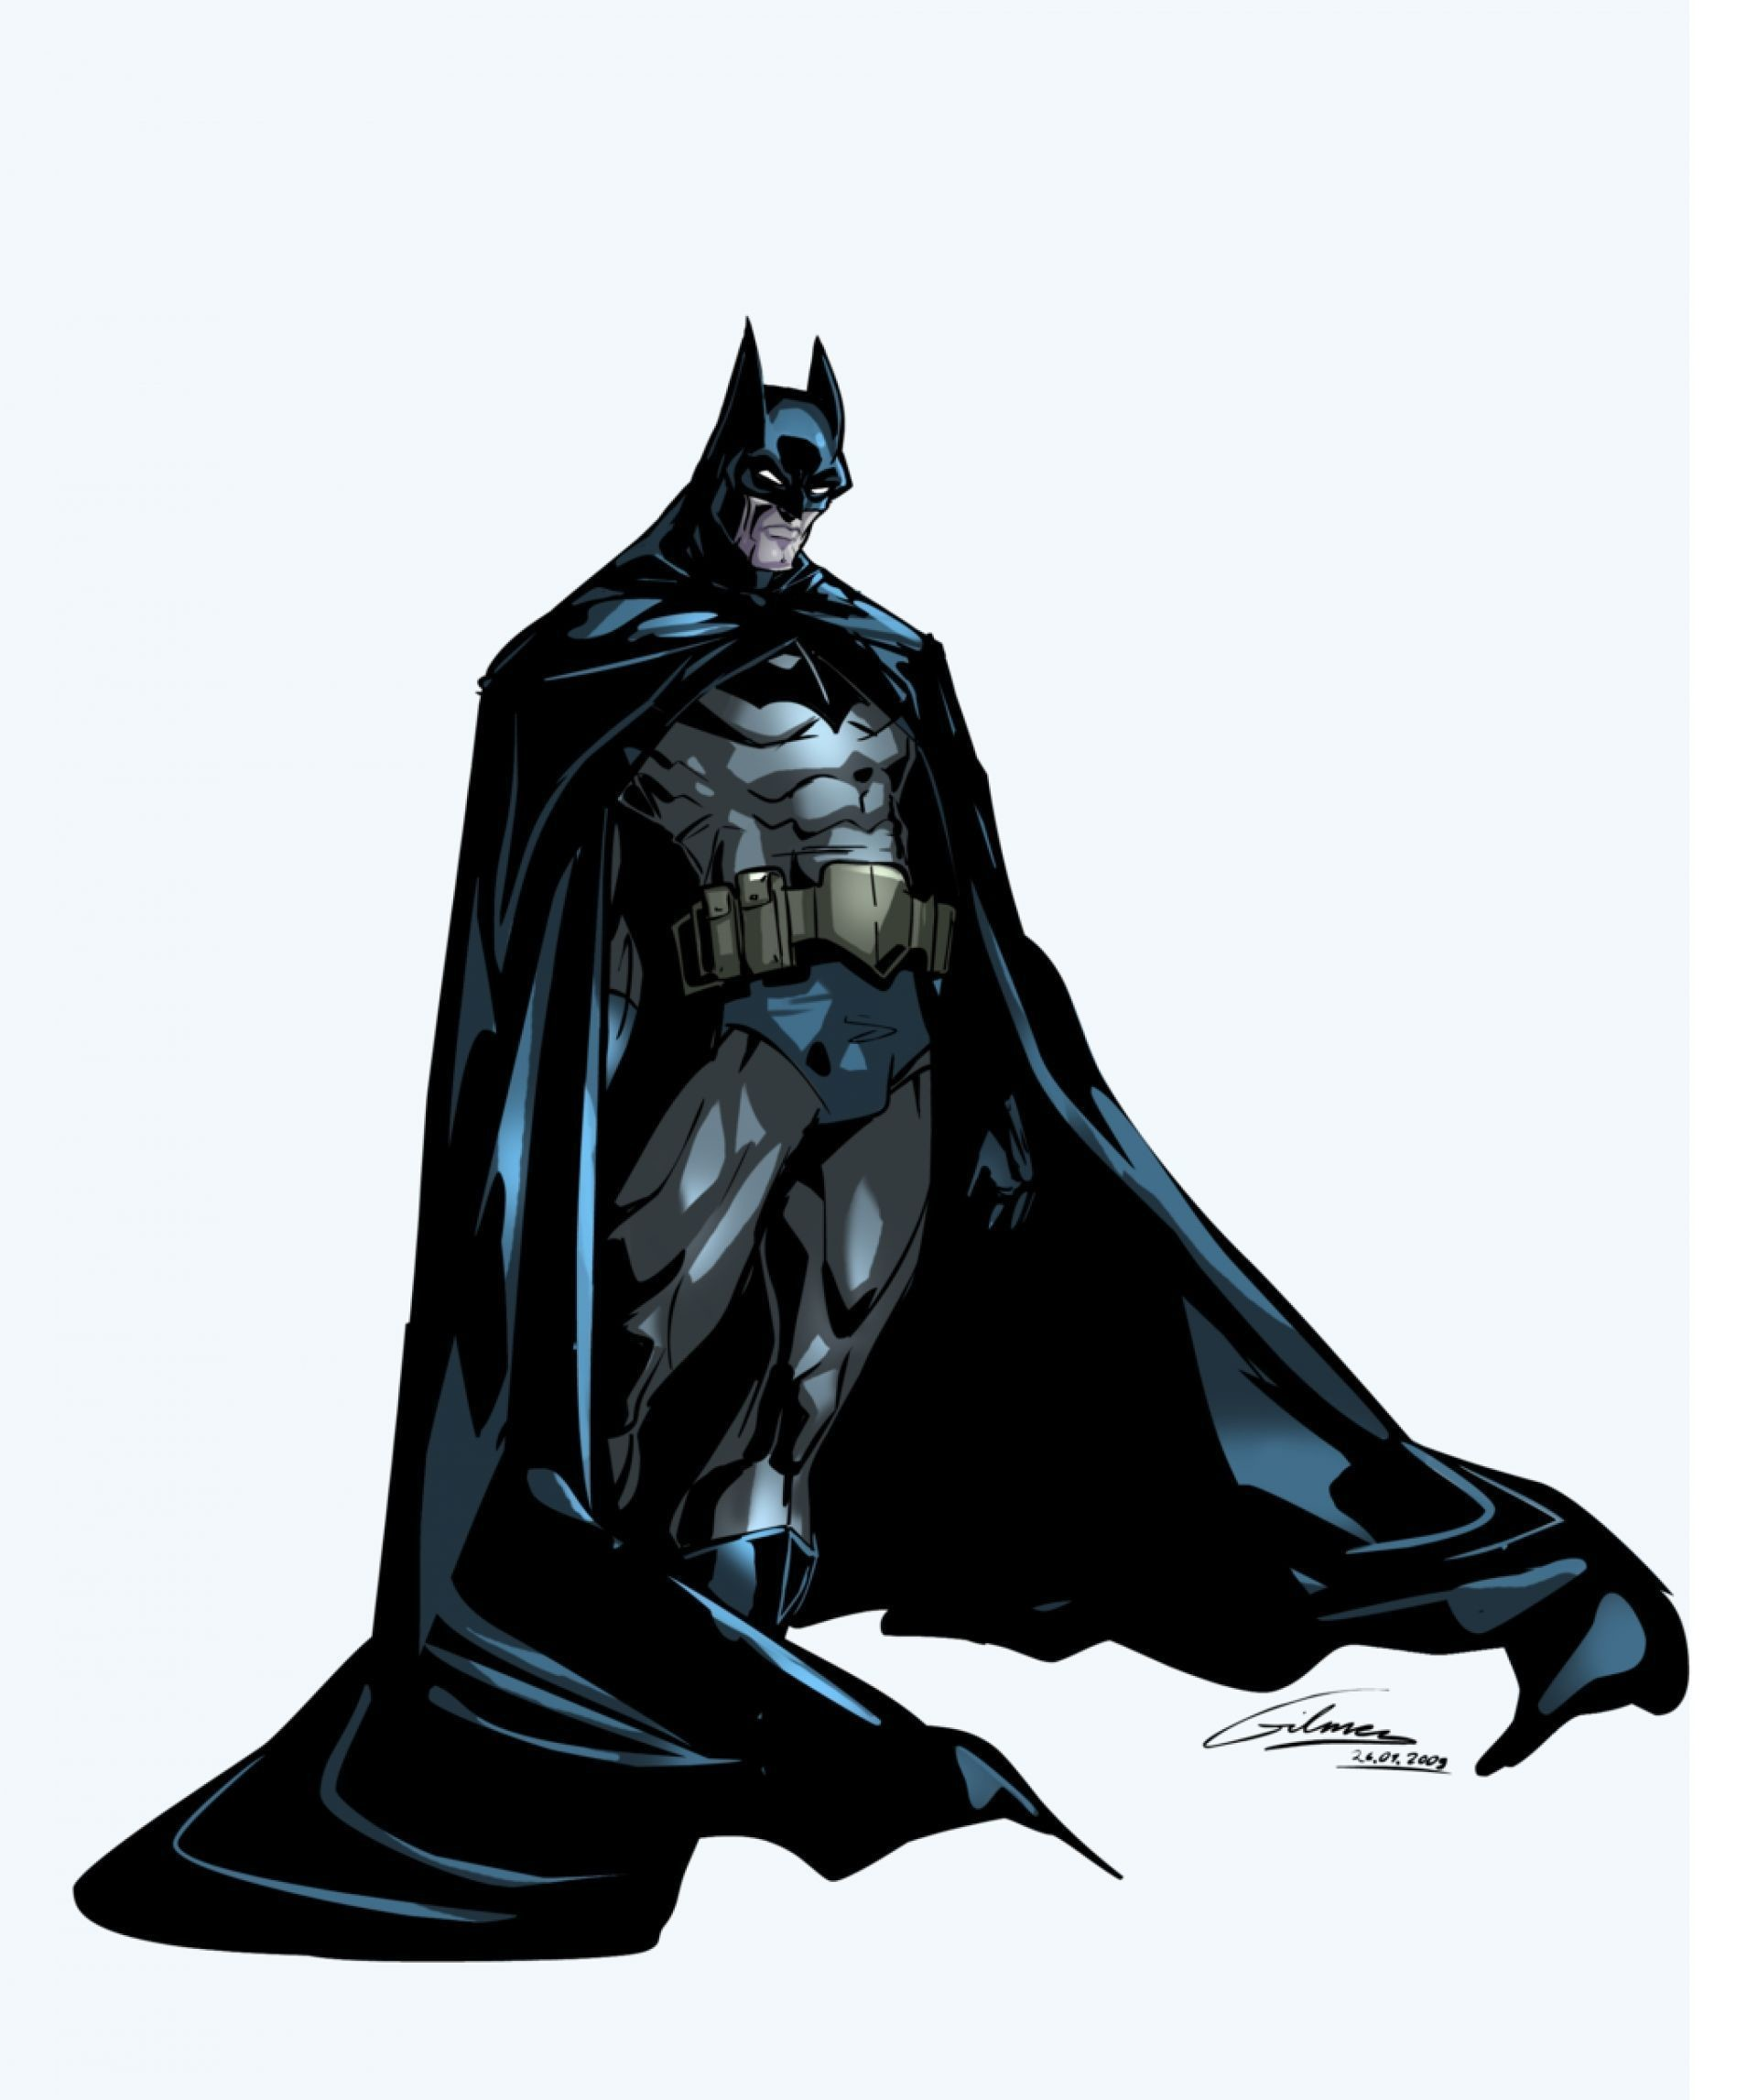 Res: 1920x2293, Famous Batman Cartoon HD Image Wallpaper Download Anime Cartoon Wallpaper